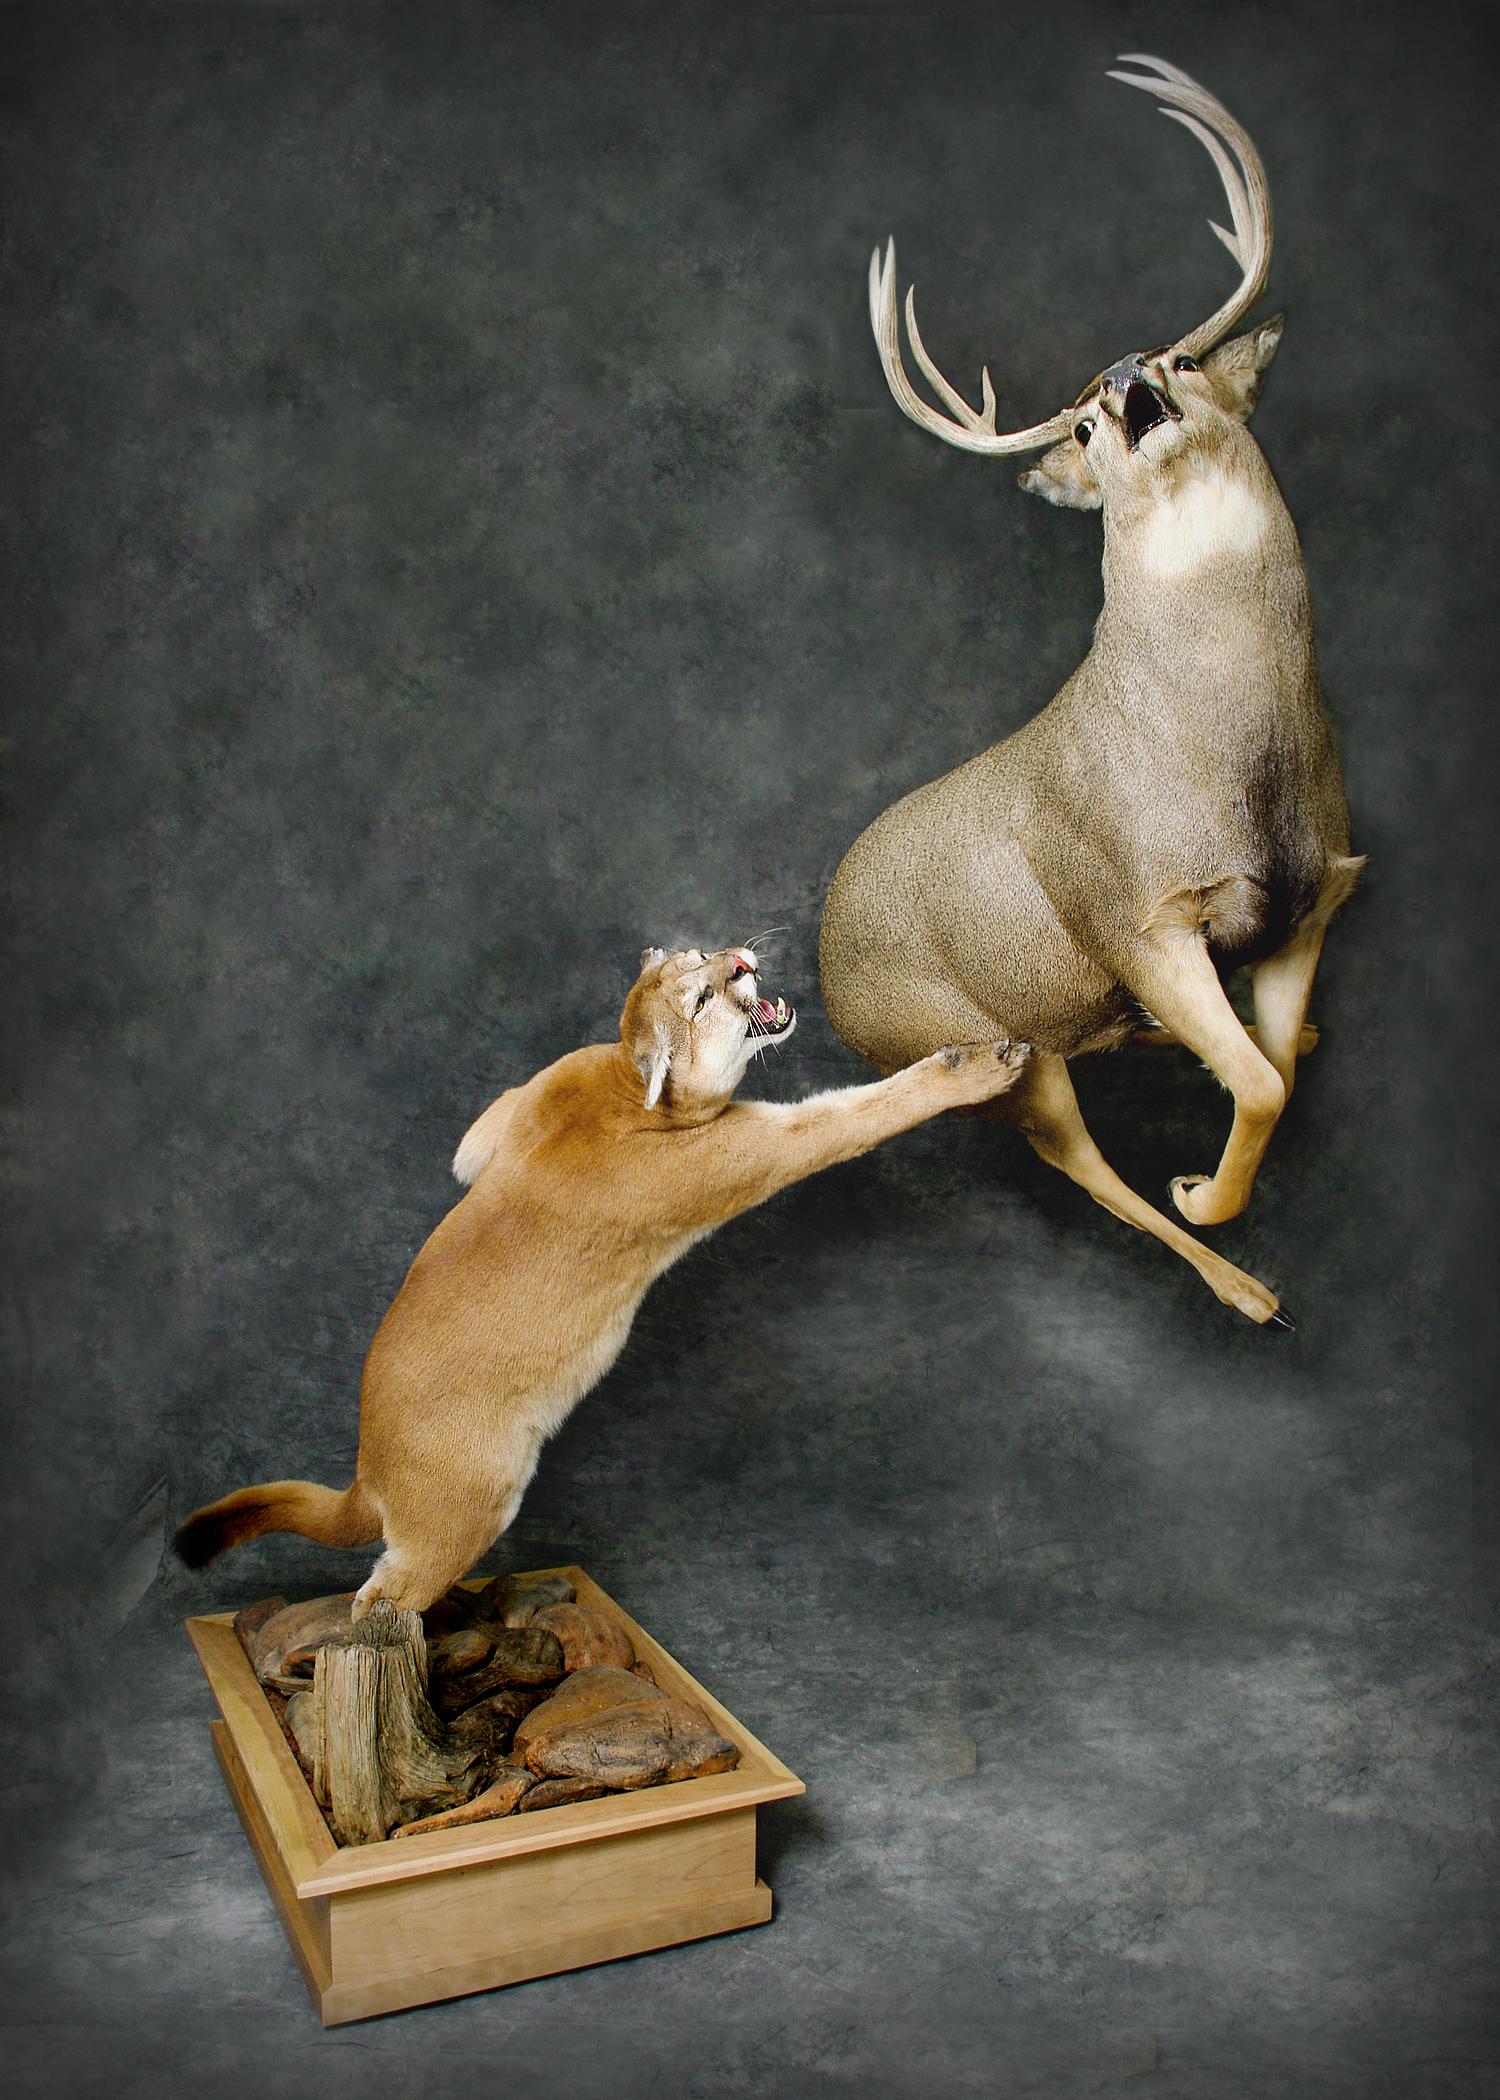 24 Mountain Lion | Mule Deer